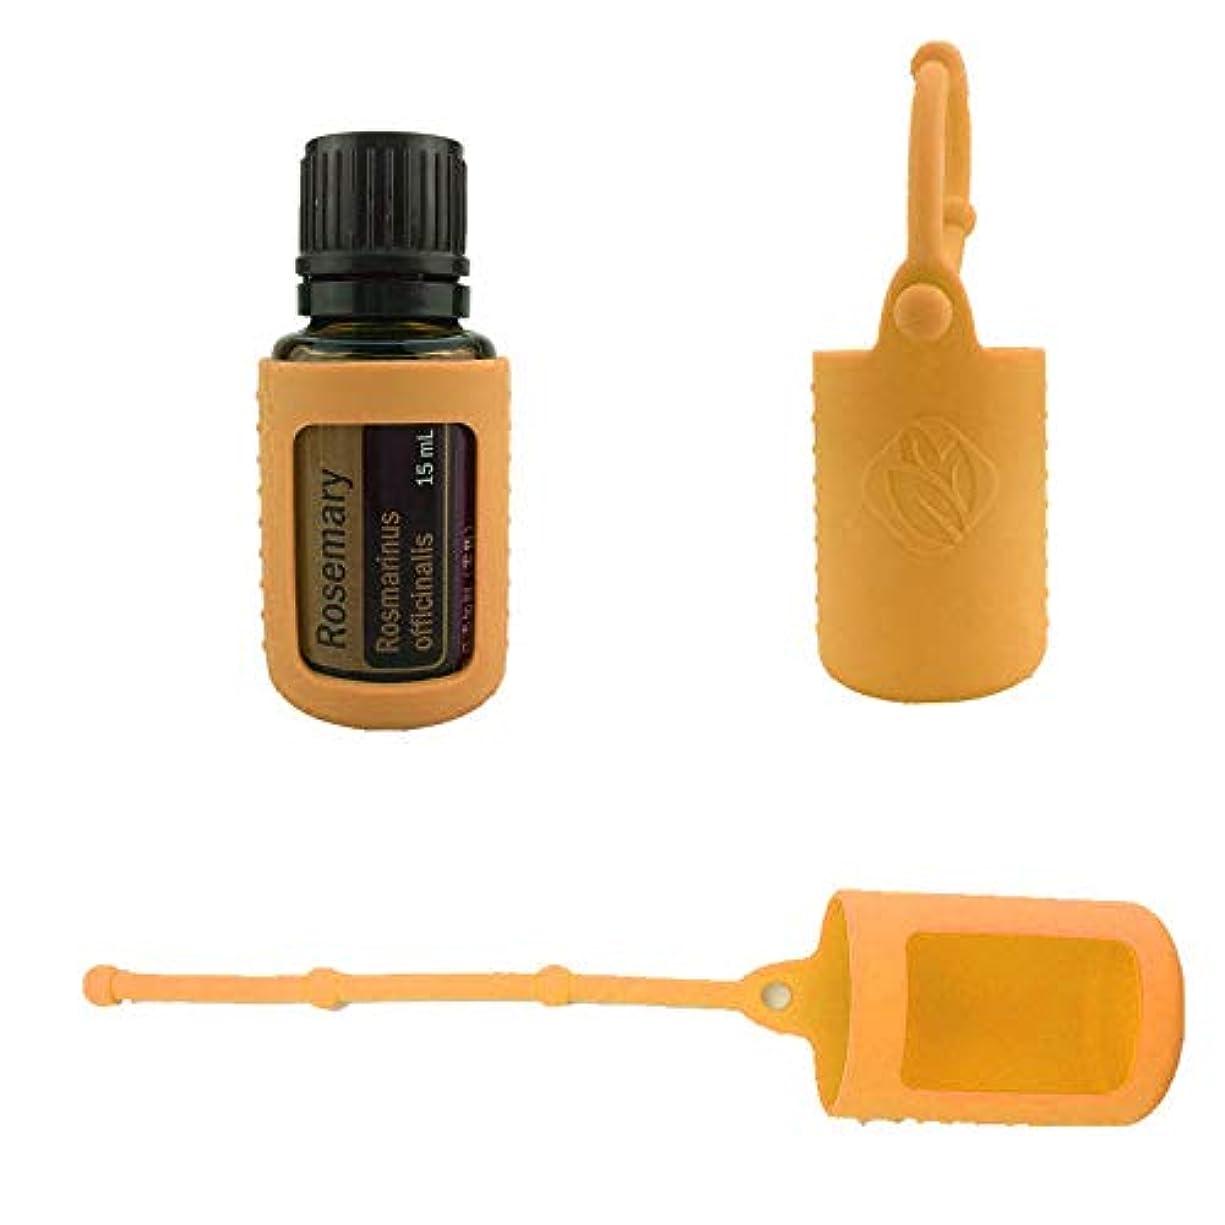 リビングルーム部分的配当6パック熱望オイルボトルシリコンローラーボトルホルダースリーブエッセンシャルオイルボトル保護カバーケースハングロープ - オレンジ - 6-pcs 15ml